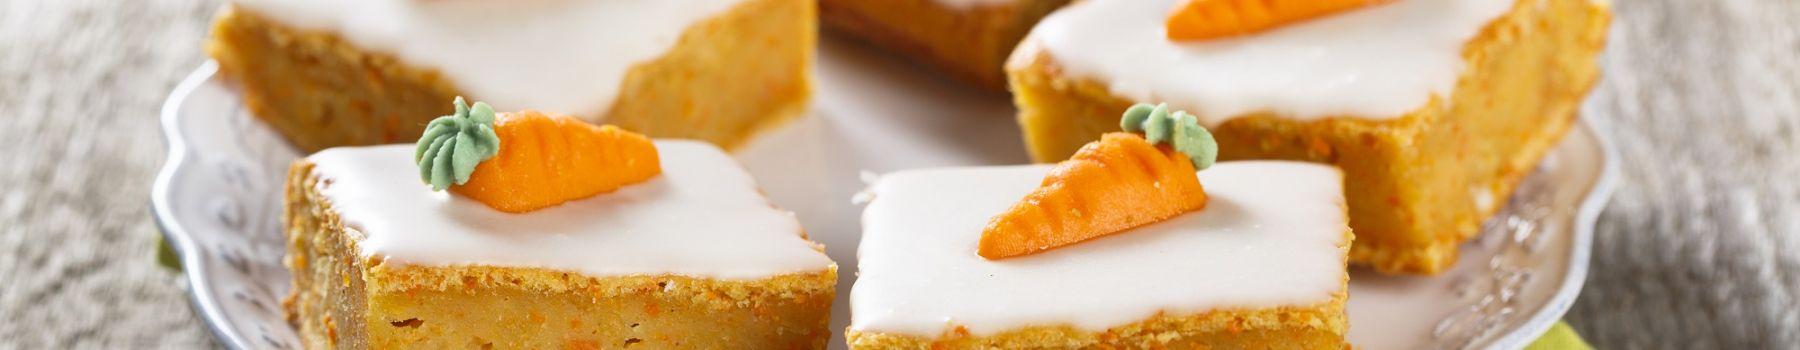 Przepisy na ciasto marchewkowe